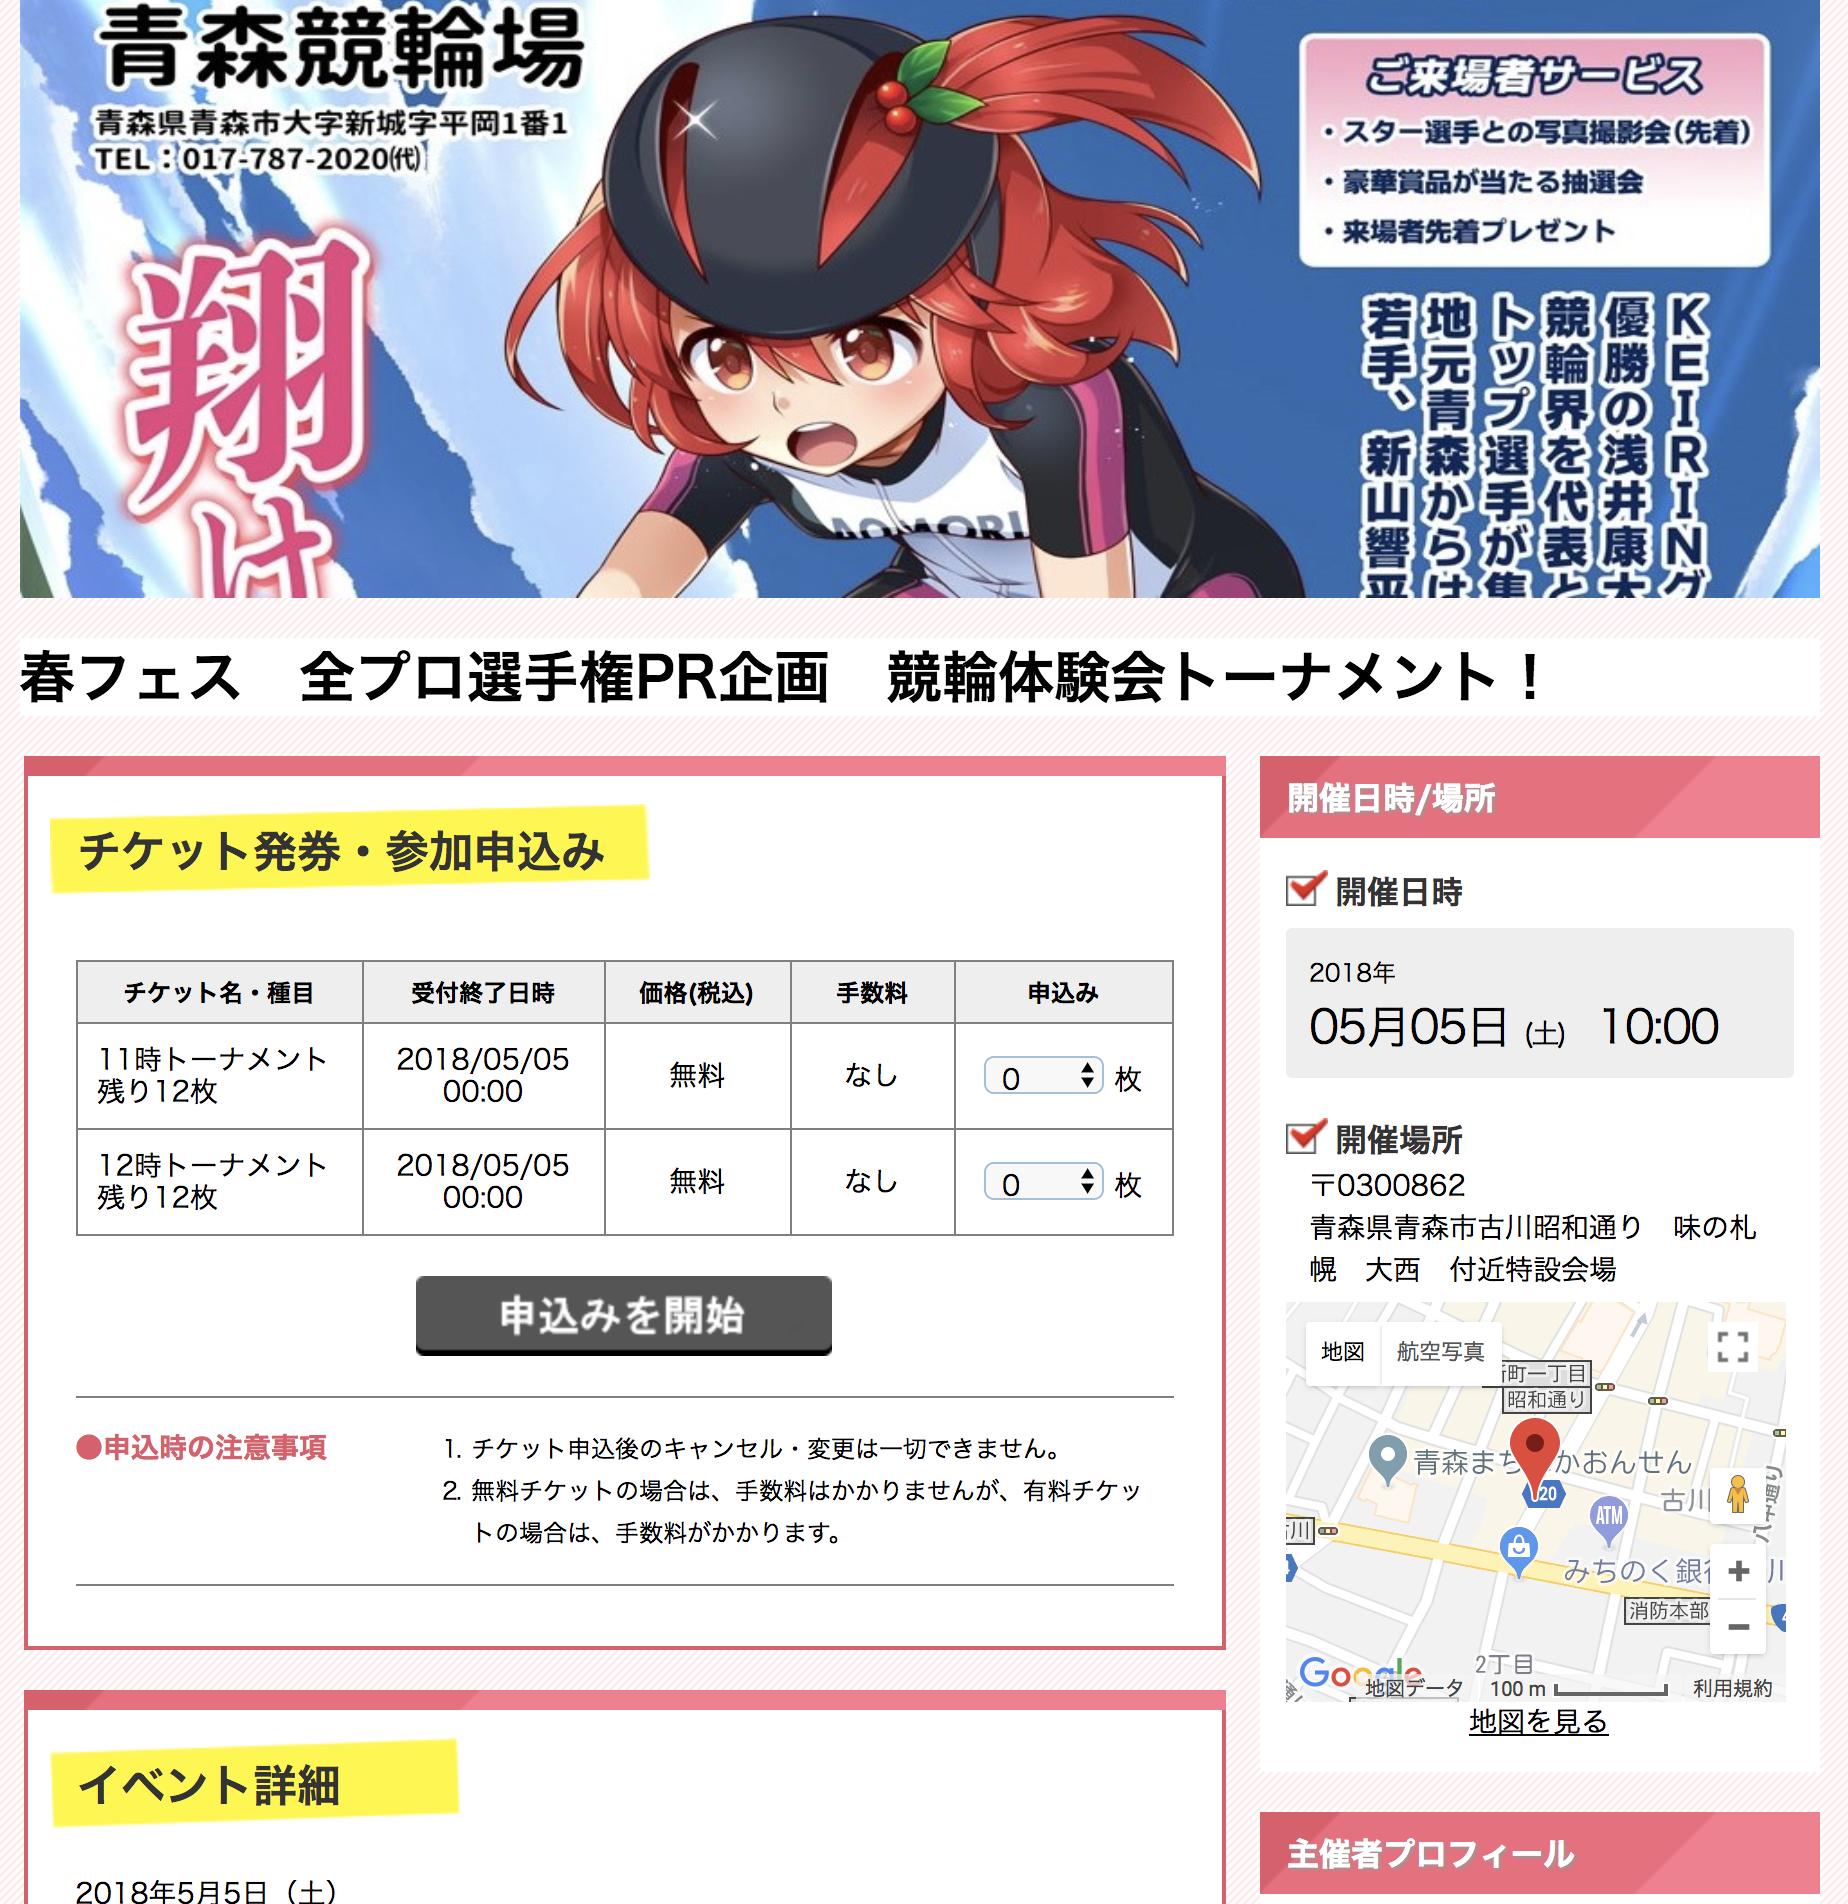 春フェス 全プロ選手権PR企画 競輪体験会トーナメント!